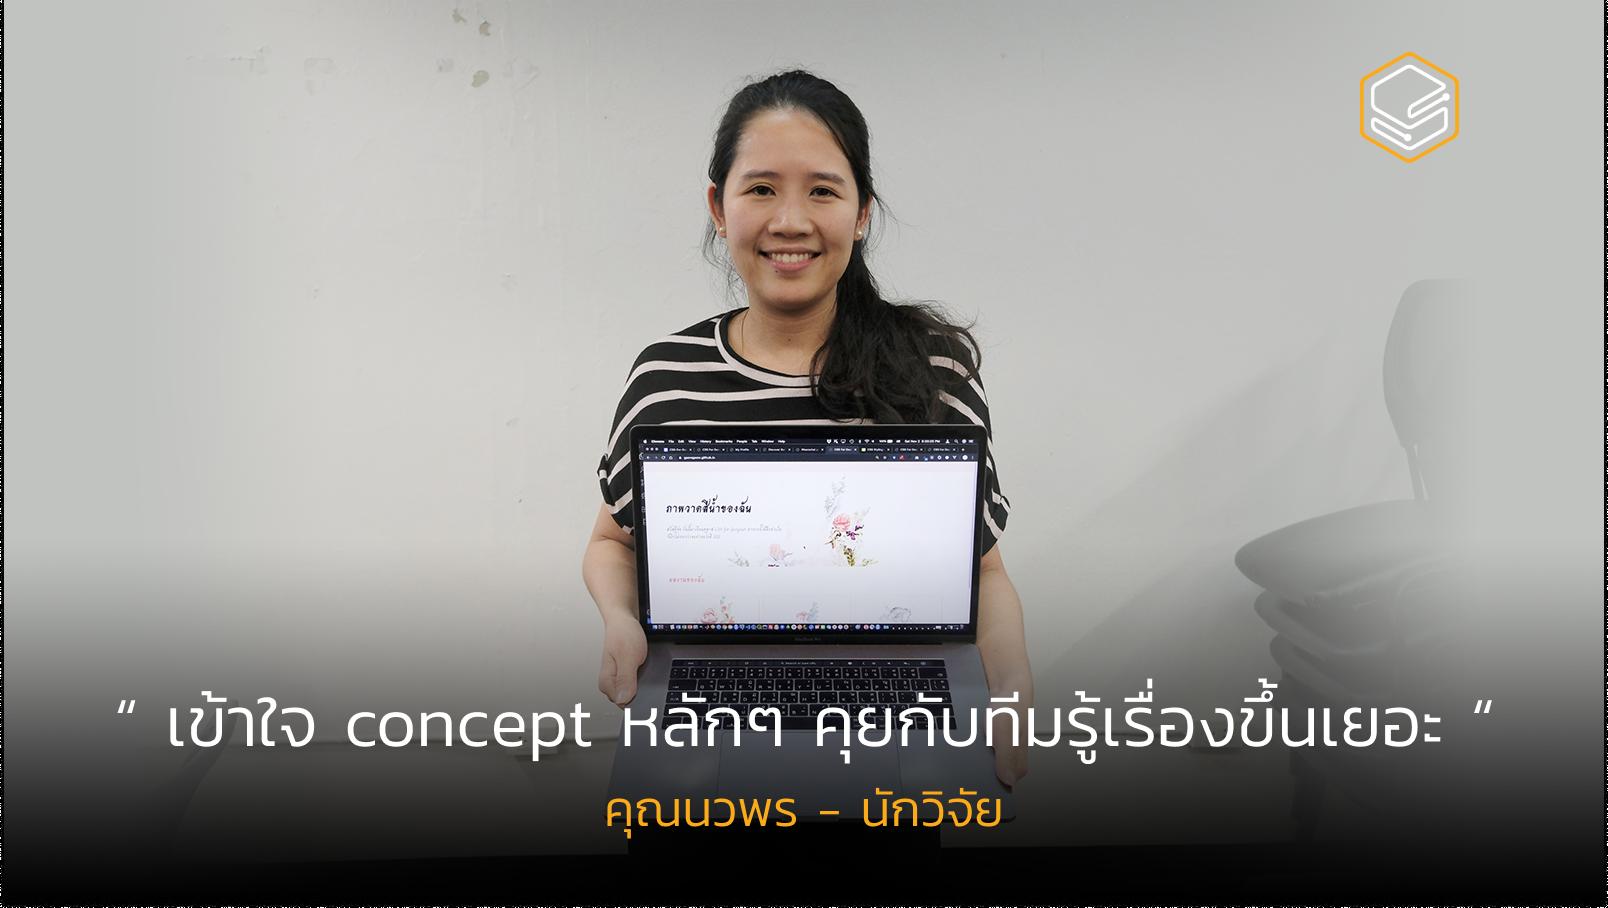 คุณนวพร - นักวิจัย  | Skooldio Workshop Testimonial: CSS for Designers